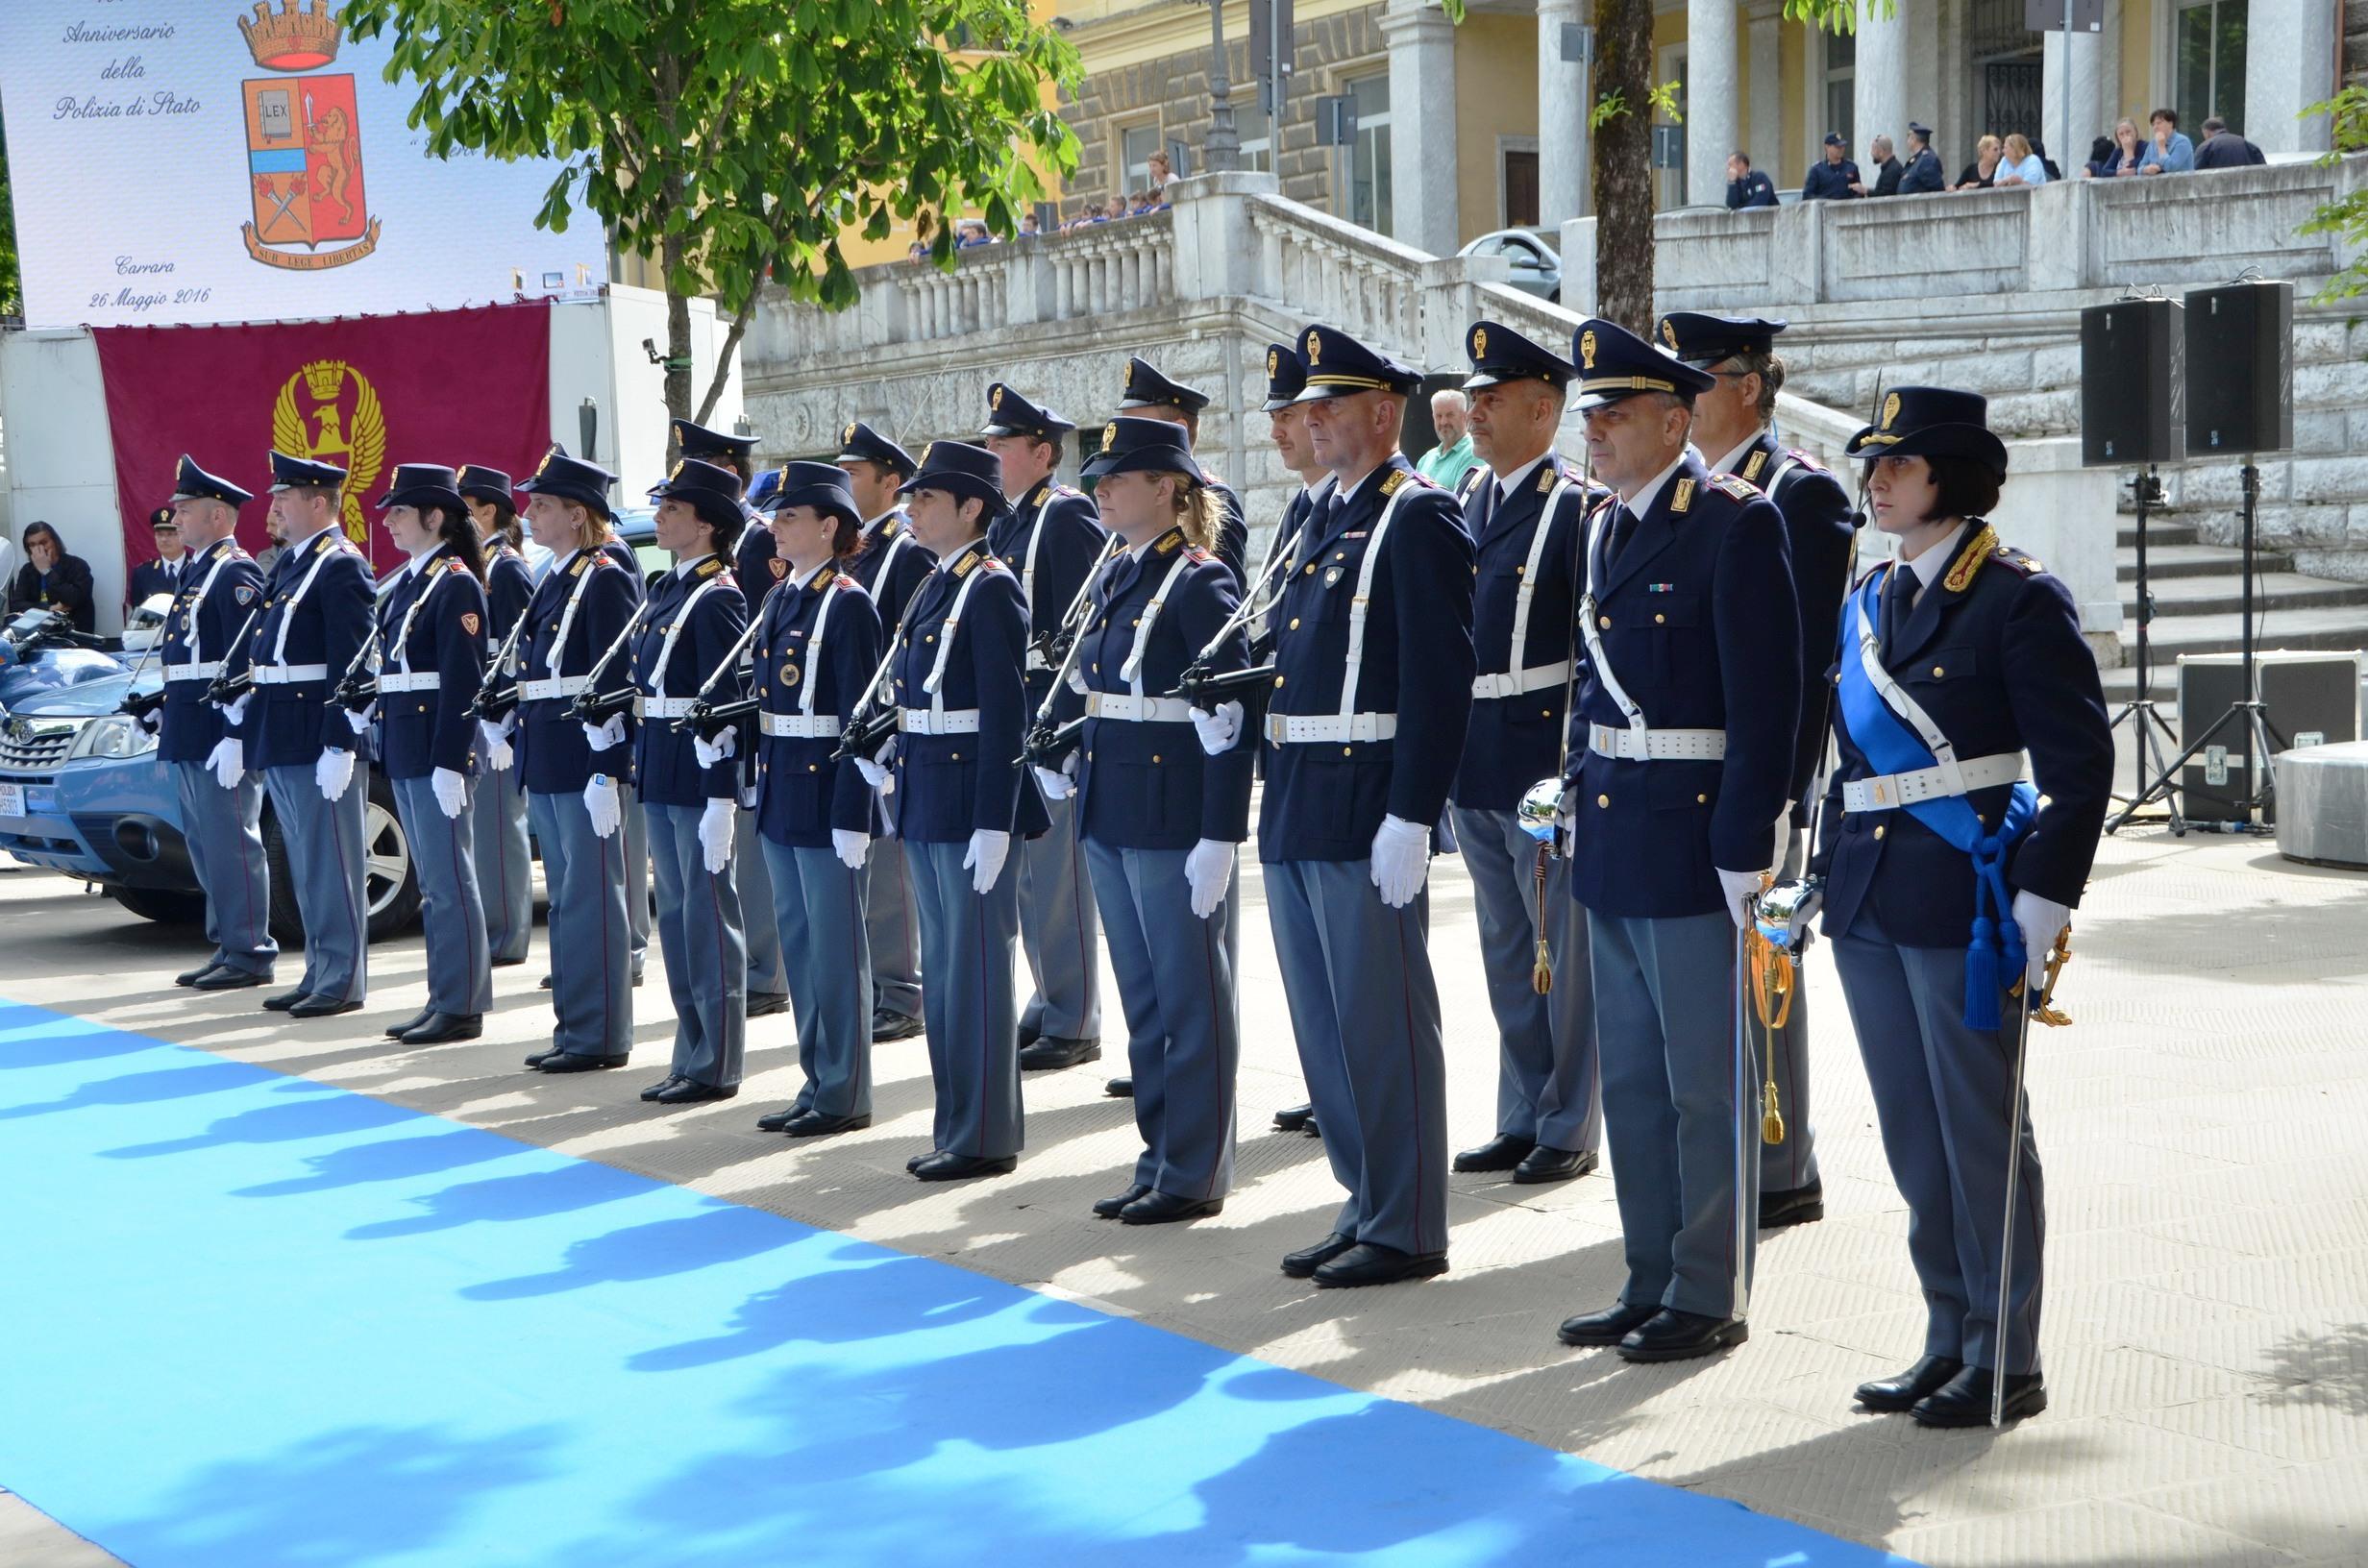 164 anniversario della fondazione della polizia di stato for Polizia di stato permesso soggiorno